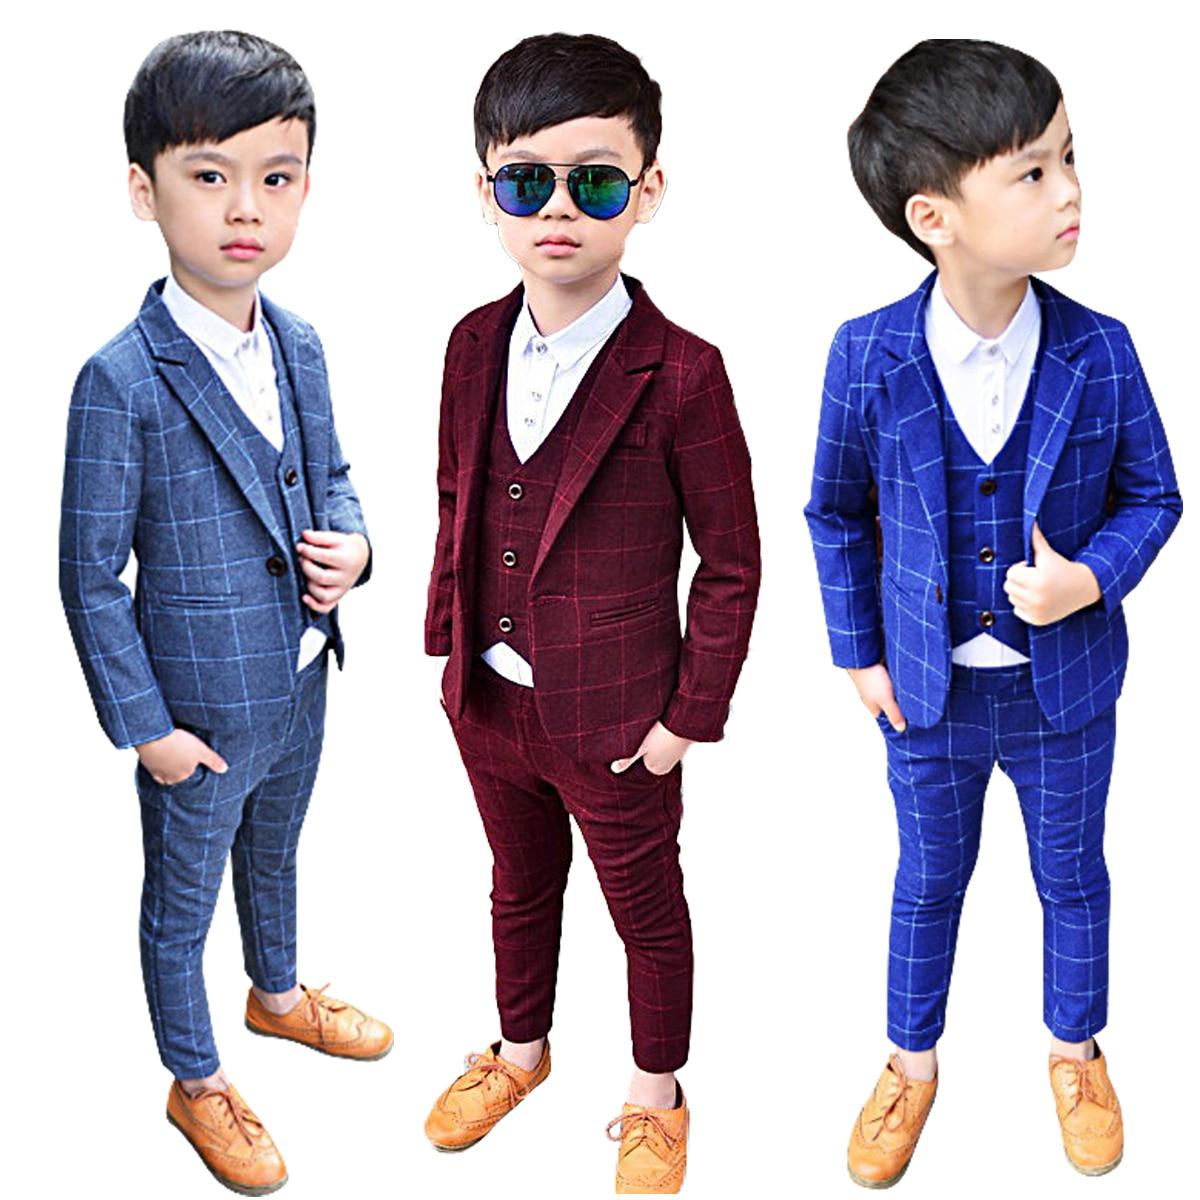 tuxedo t-shirt model:2 suit t shirt toddler clothing boy girl Children kid